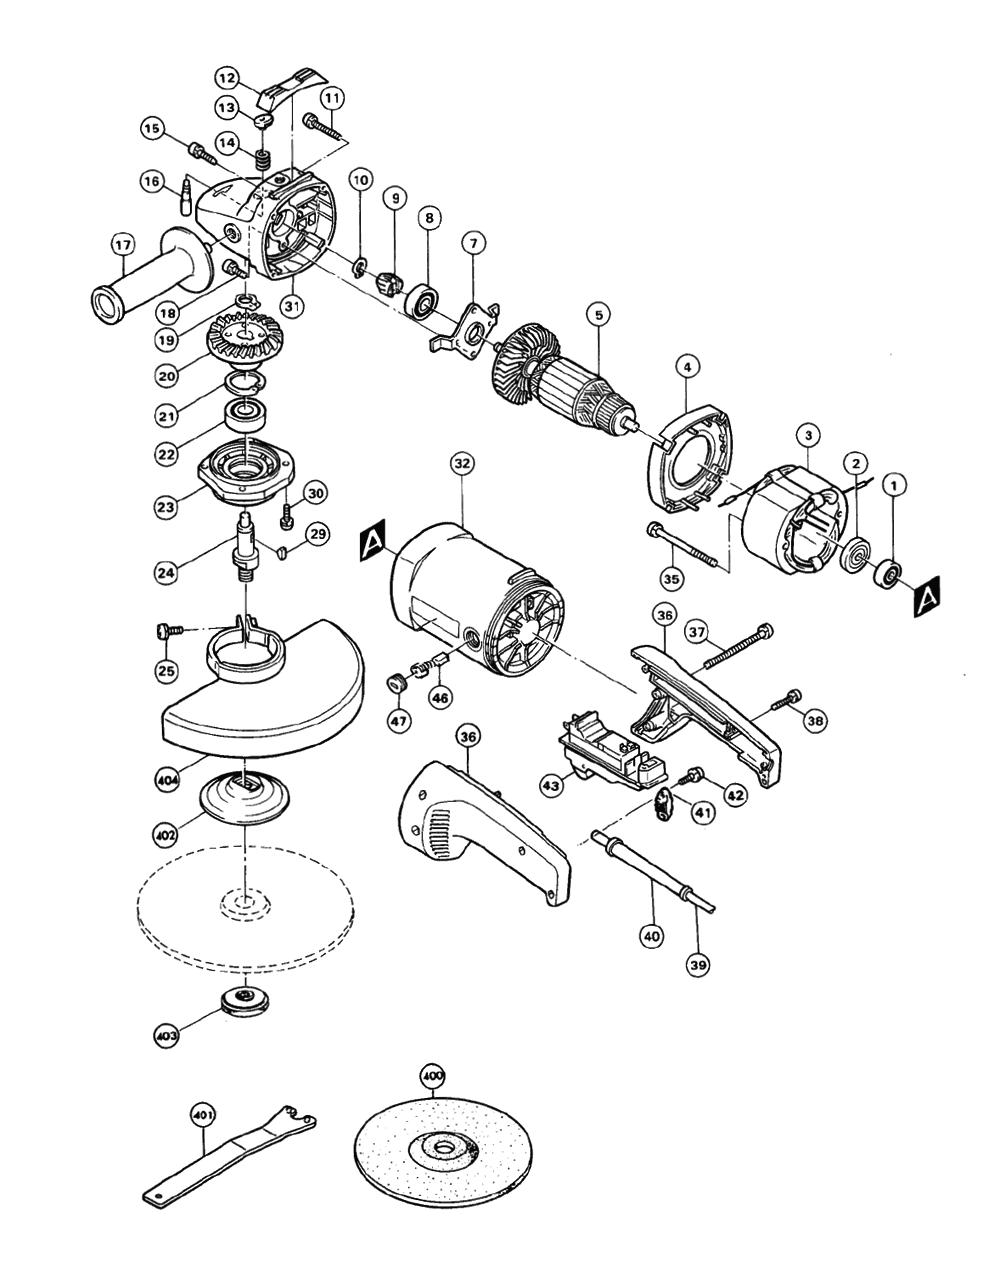 Buy Makita 9027l Replacement Tool Parts